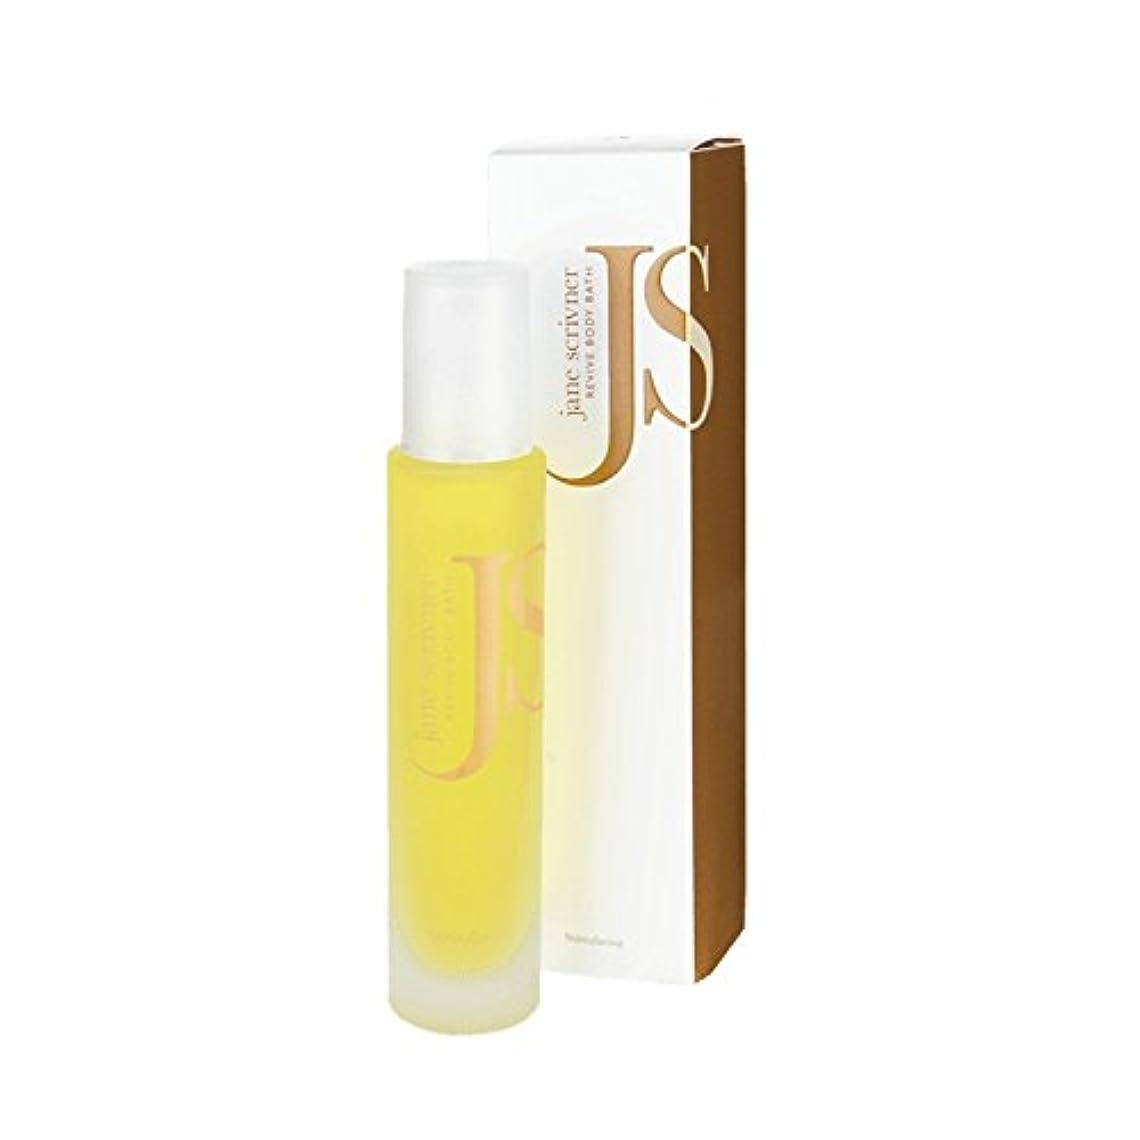 世代合図是正するJane Scrivner Body Bath Oil Revive 100ml (Pack of 2) - ジェーンScrivnerボディバスオイル100ミリリットルを復活させます (x2) [並行輸入品]